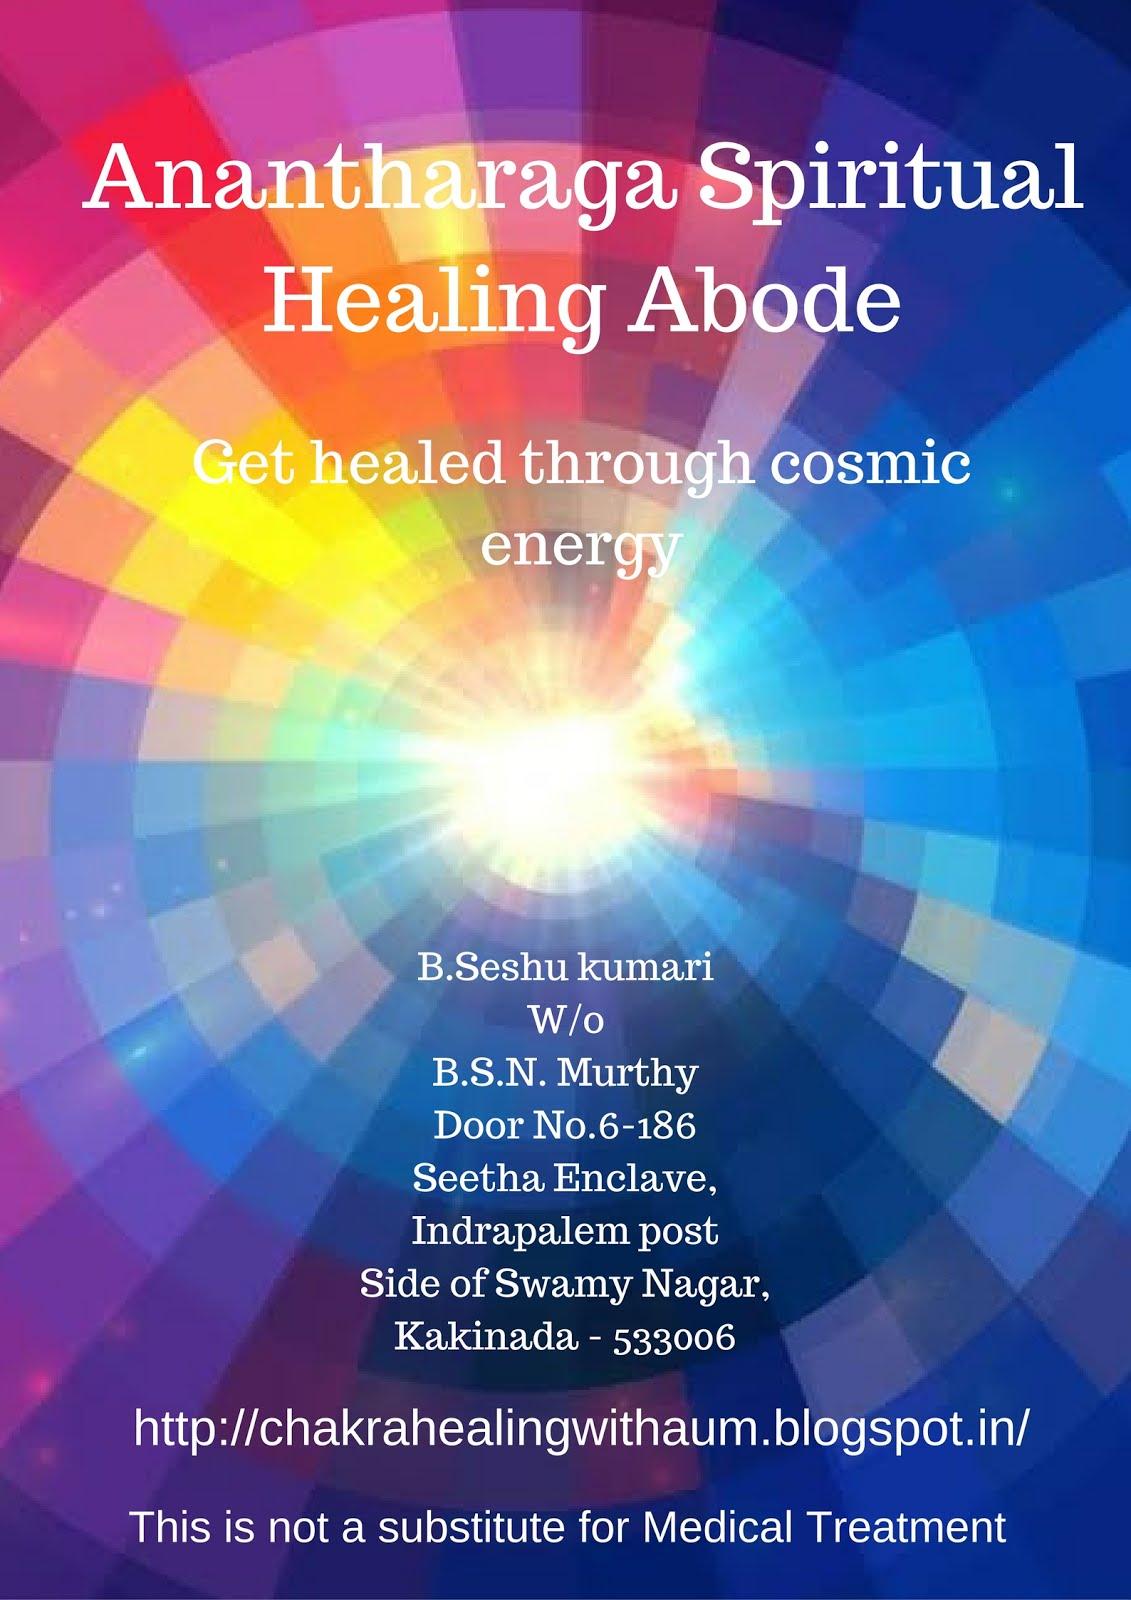 Anantharaga Spiritual Healing Abode